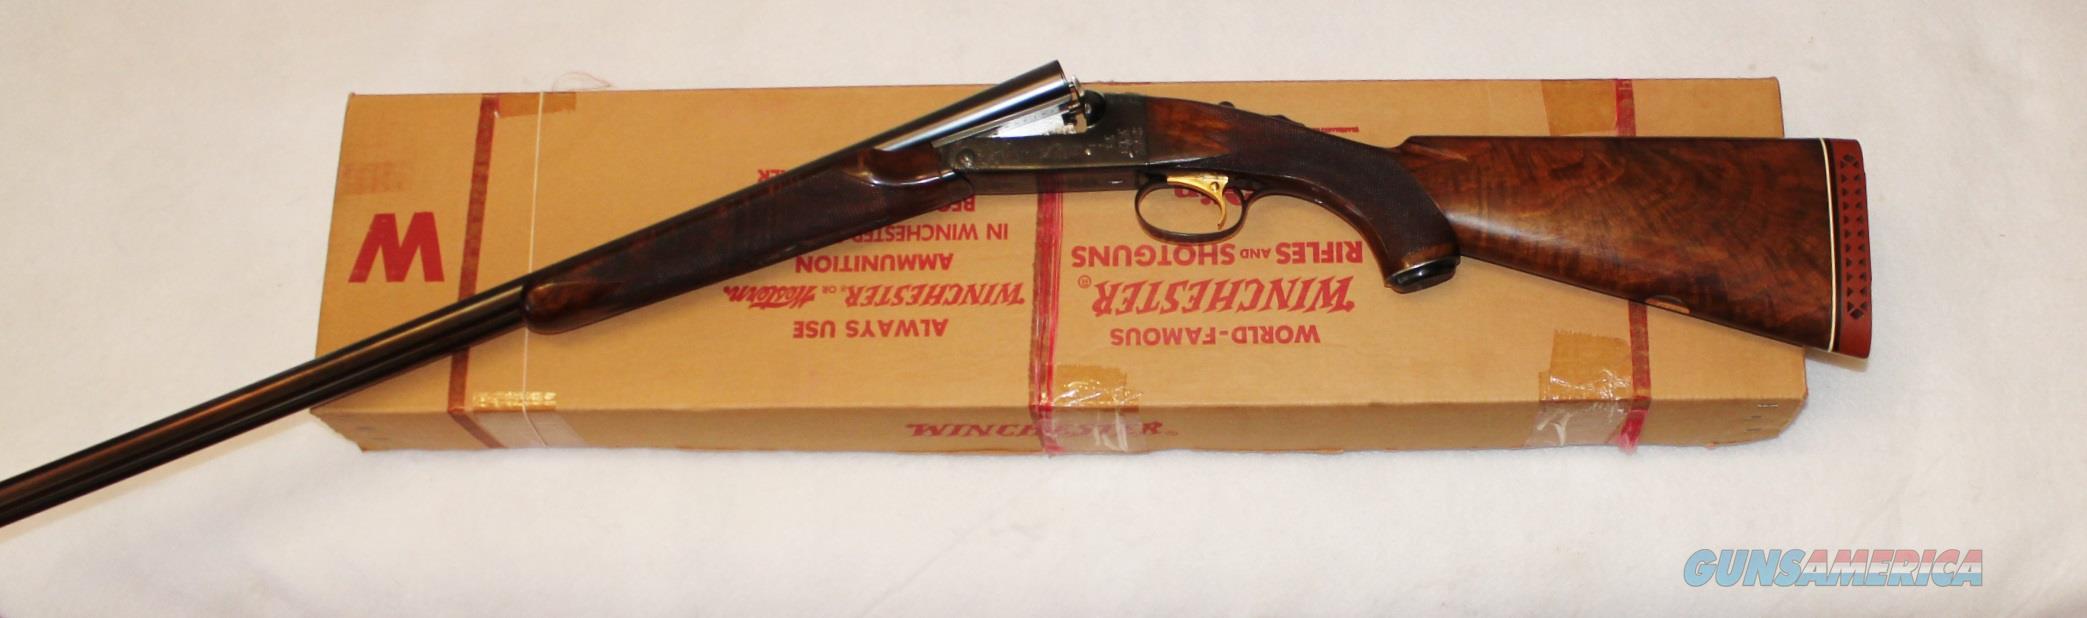 Model 21 Winchester 20 Gauge Custom Shop  Guns > Shotguns > Winchester Shotguns - Modern > SxS